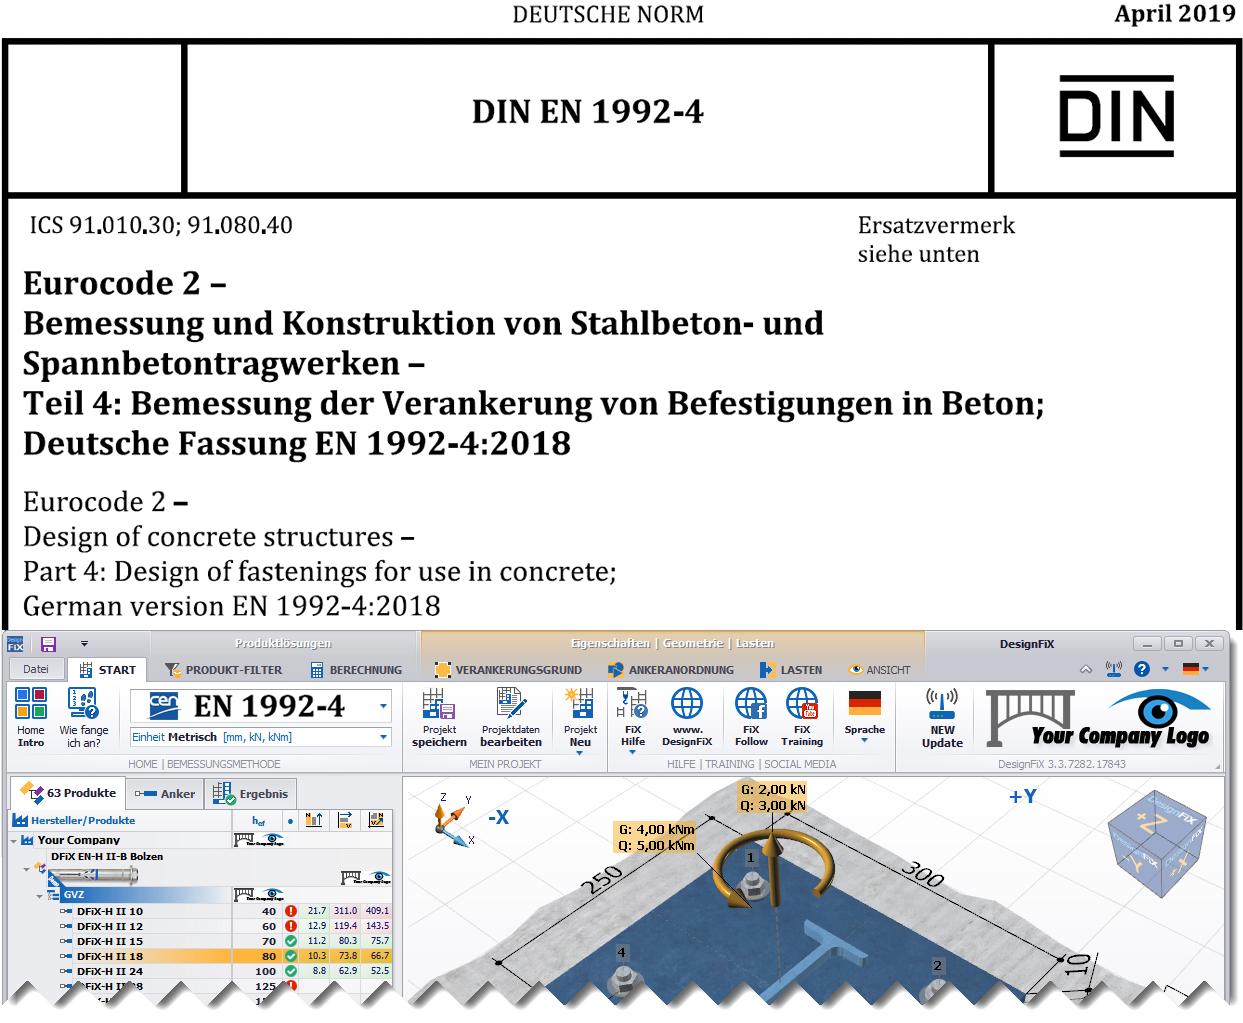 DIN EN 1992-4:2018